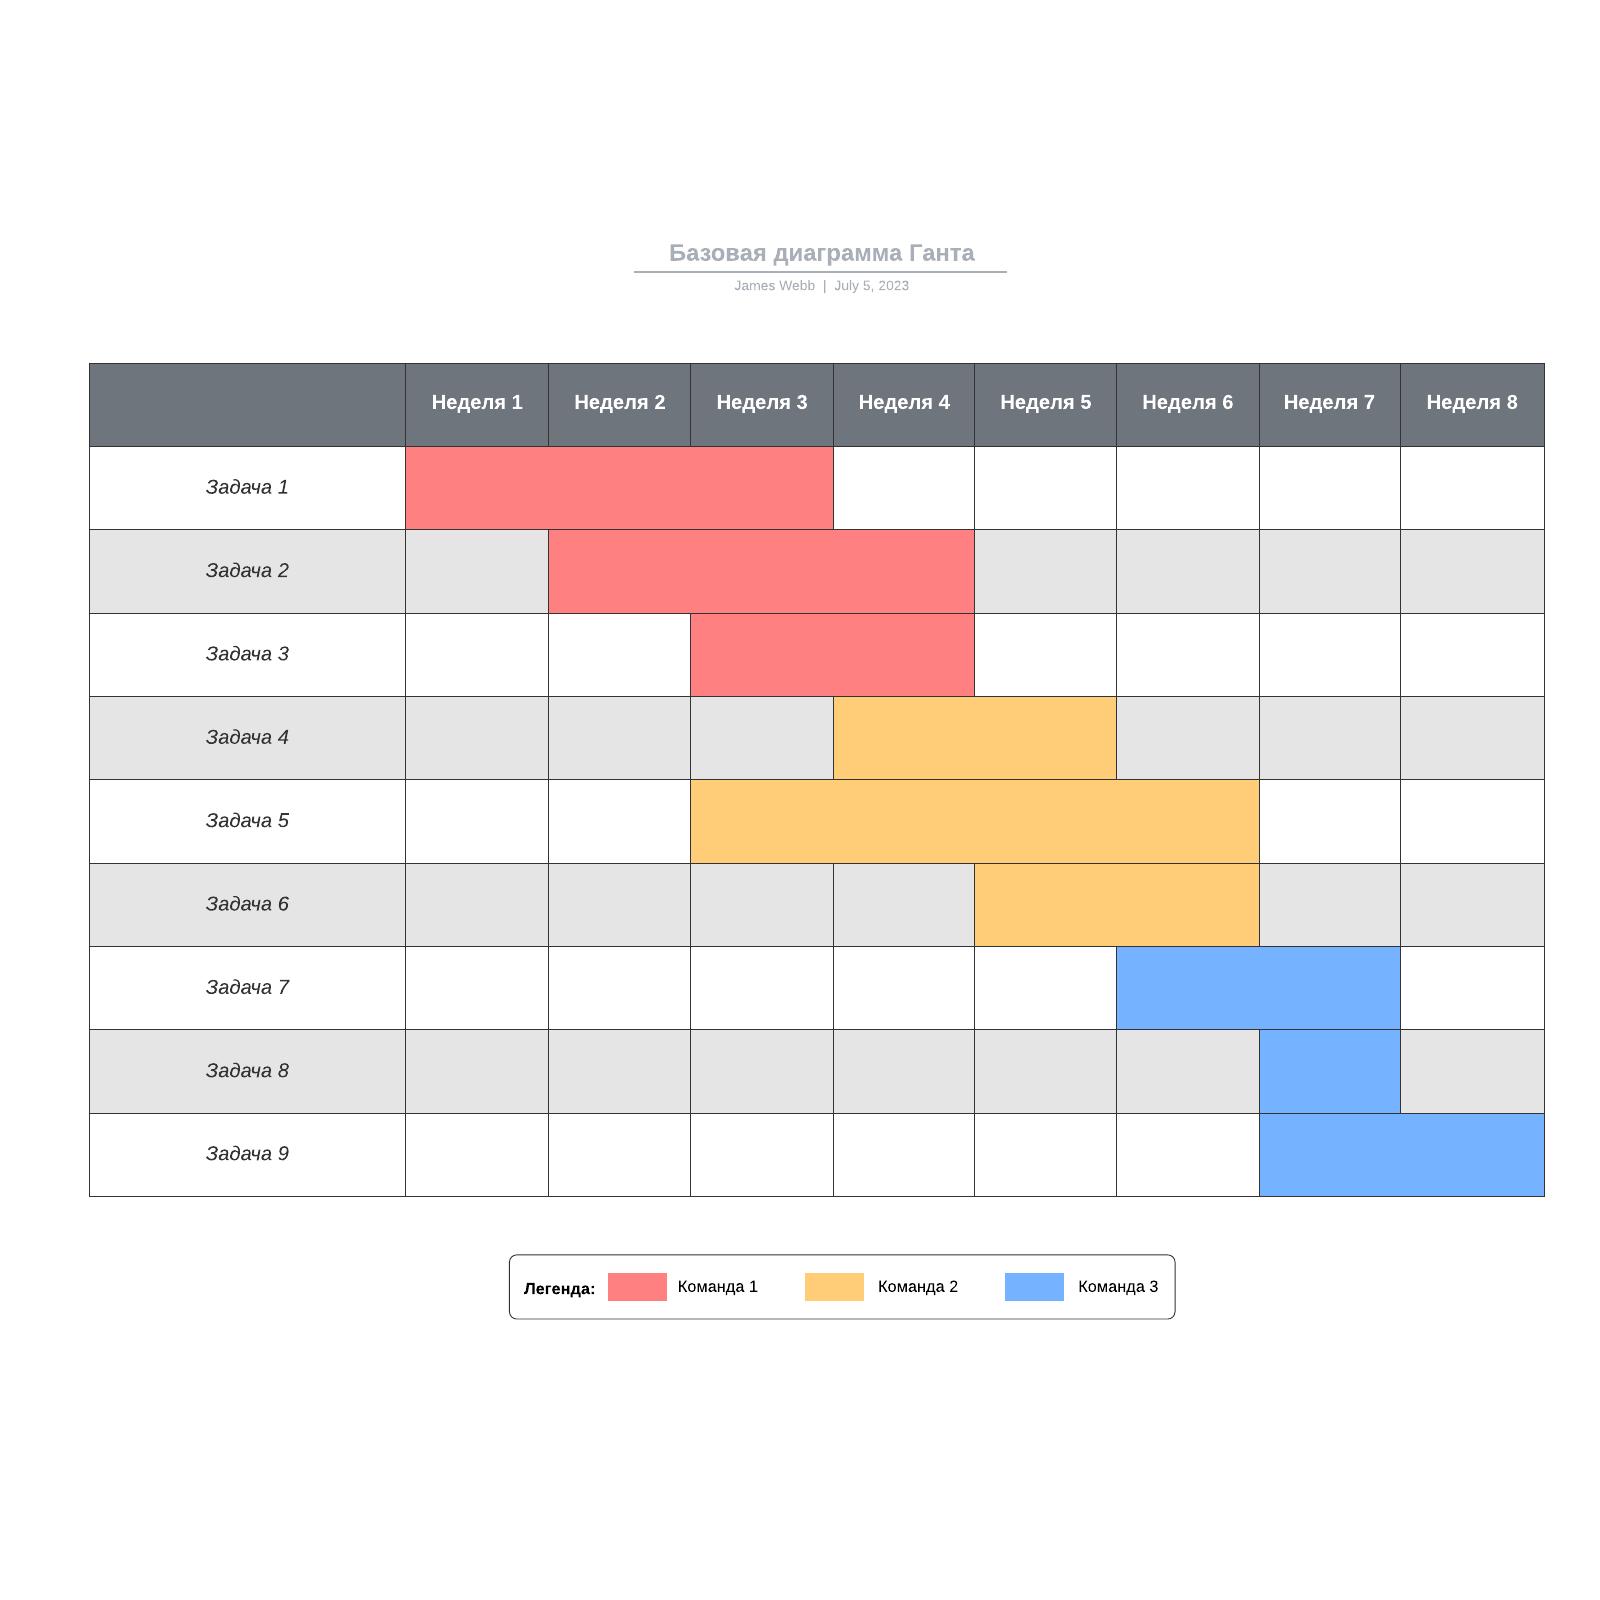 Базовая диаграмма Ганта